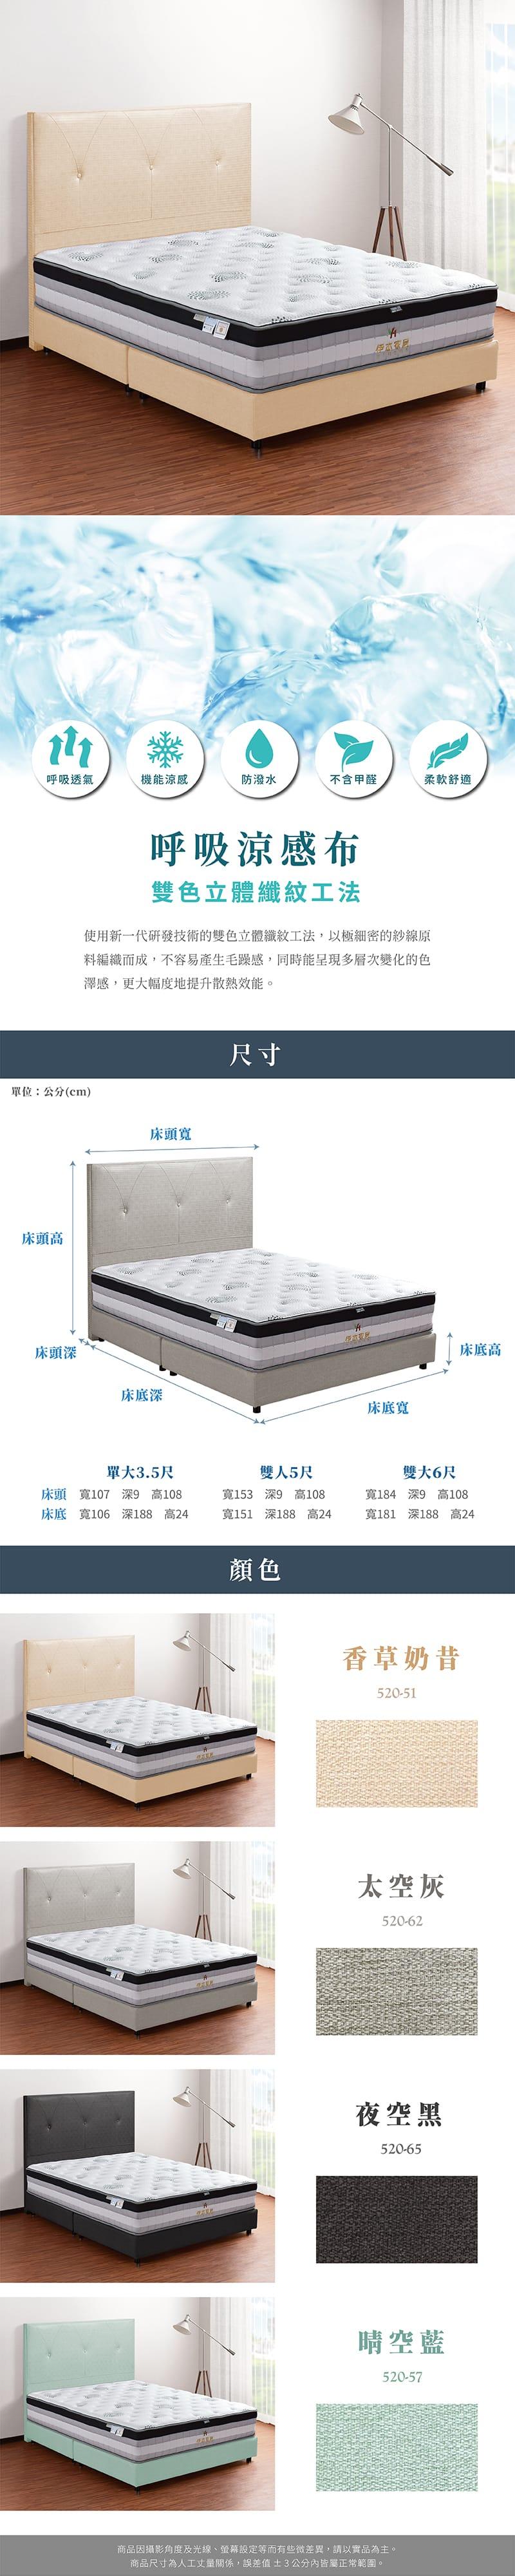 傑森 涼感布床組兩件 雙人加大6尺(床頭片+床底)